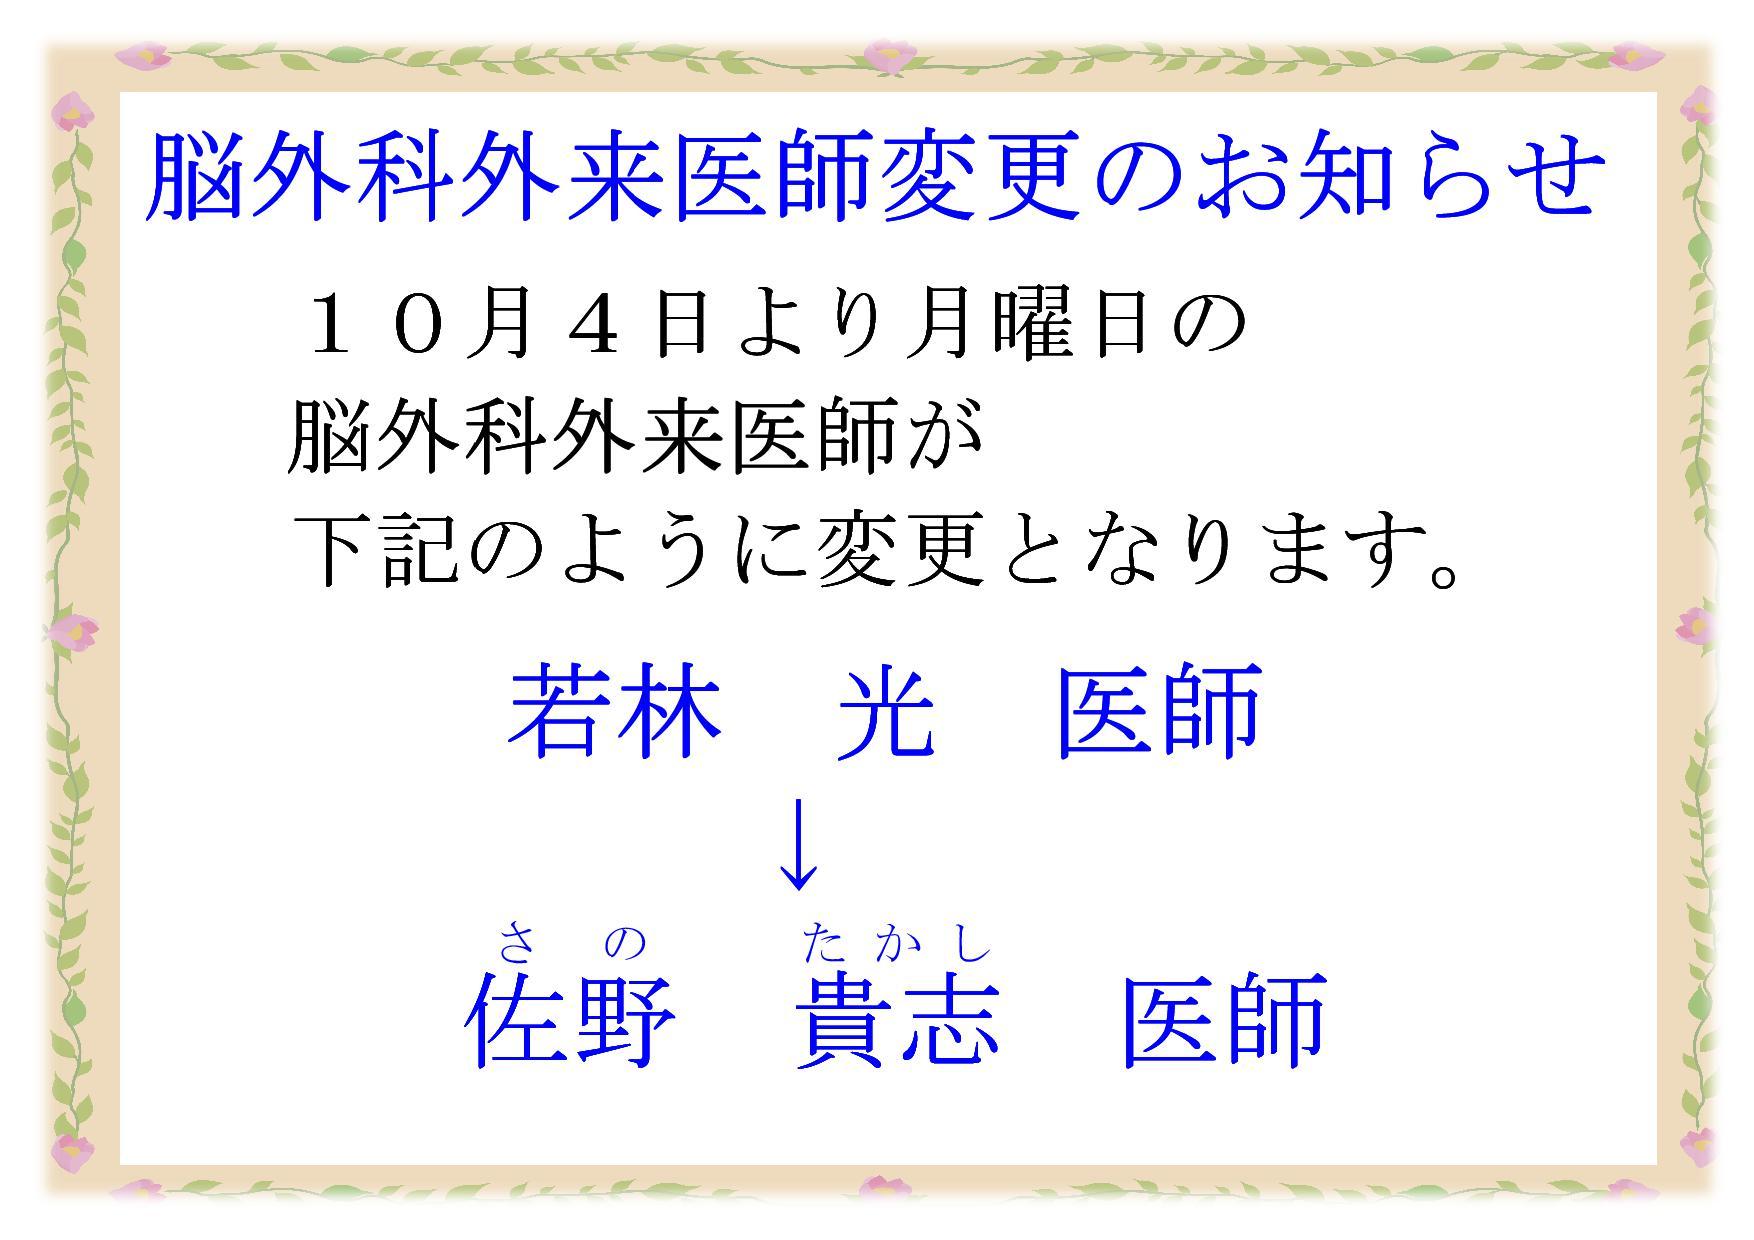 令和3年10月4日より、脳外科外来担当医師が若林医師から佐野貴志医師へ変更となります。